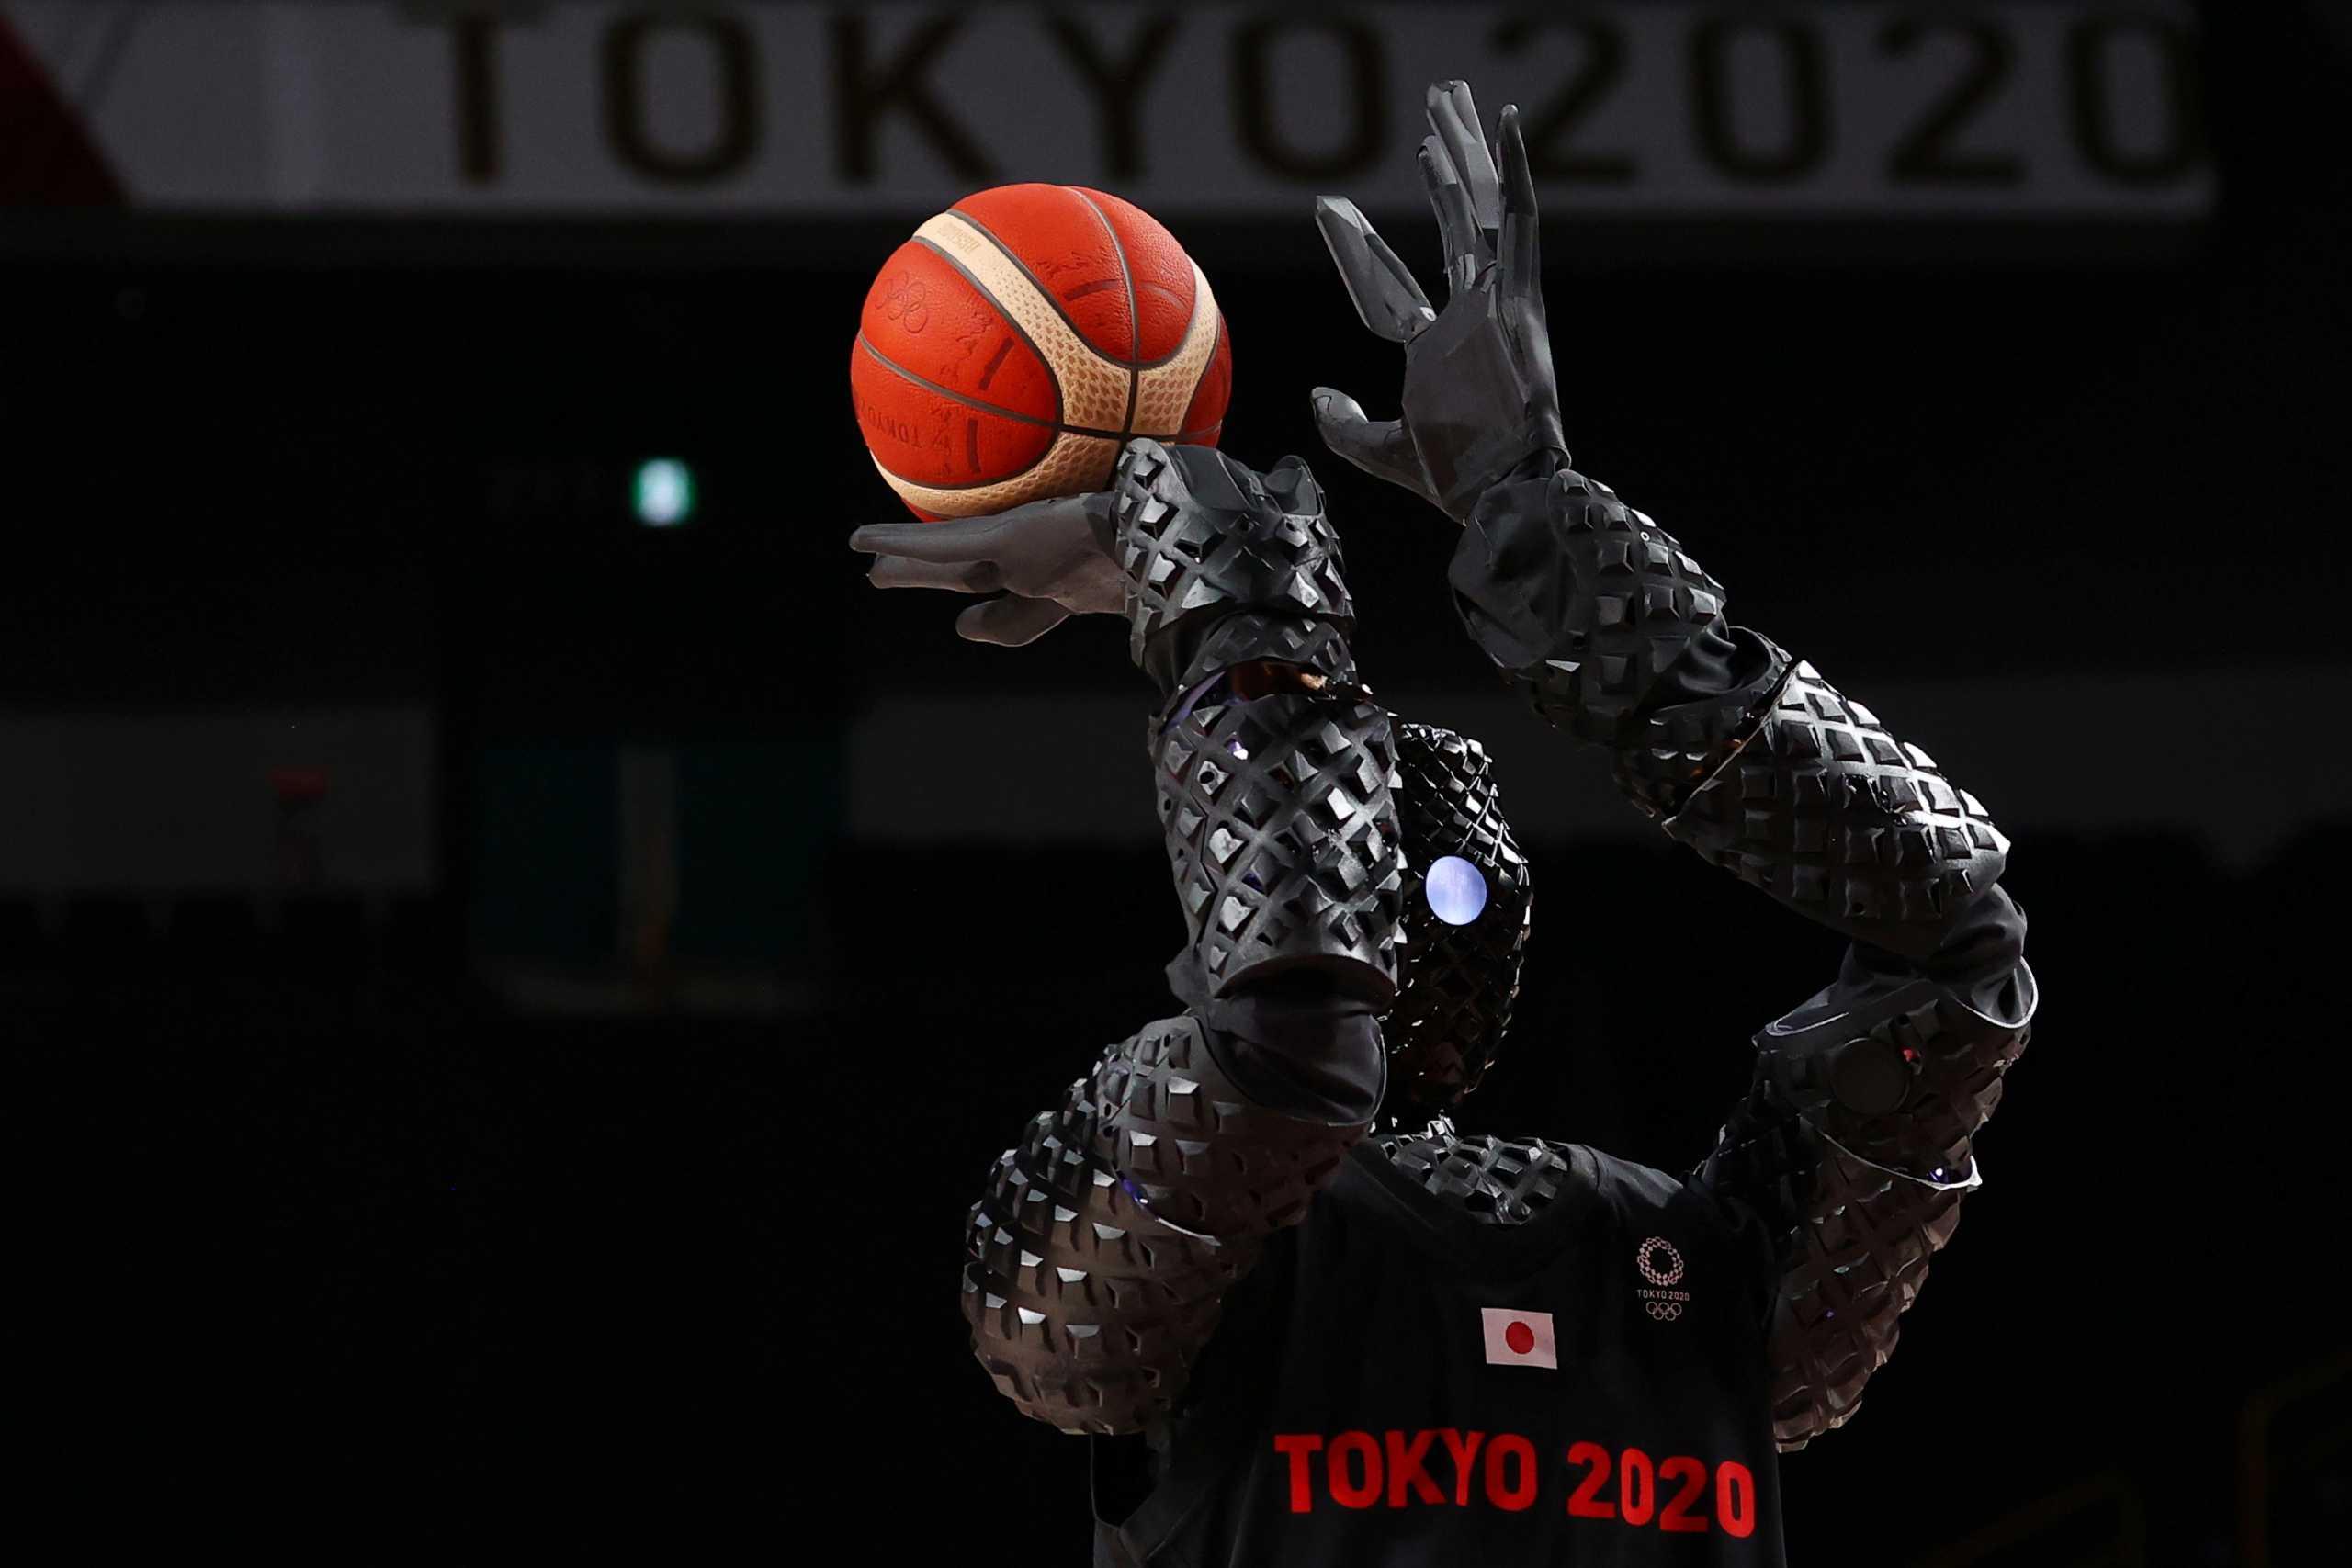 Ολυμπιακοί Αγώνες: «Φιάσκο» το μπασκετικό ρομπότ των Ιαπώνων